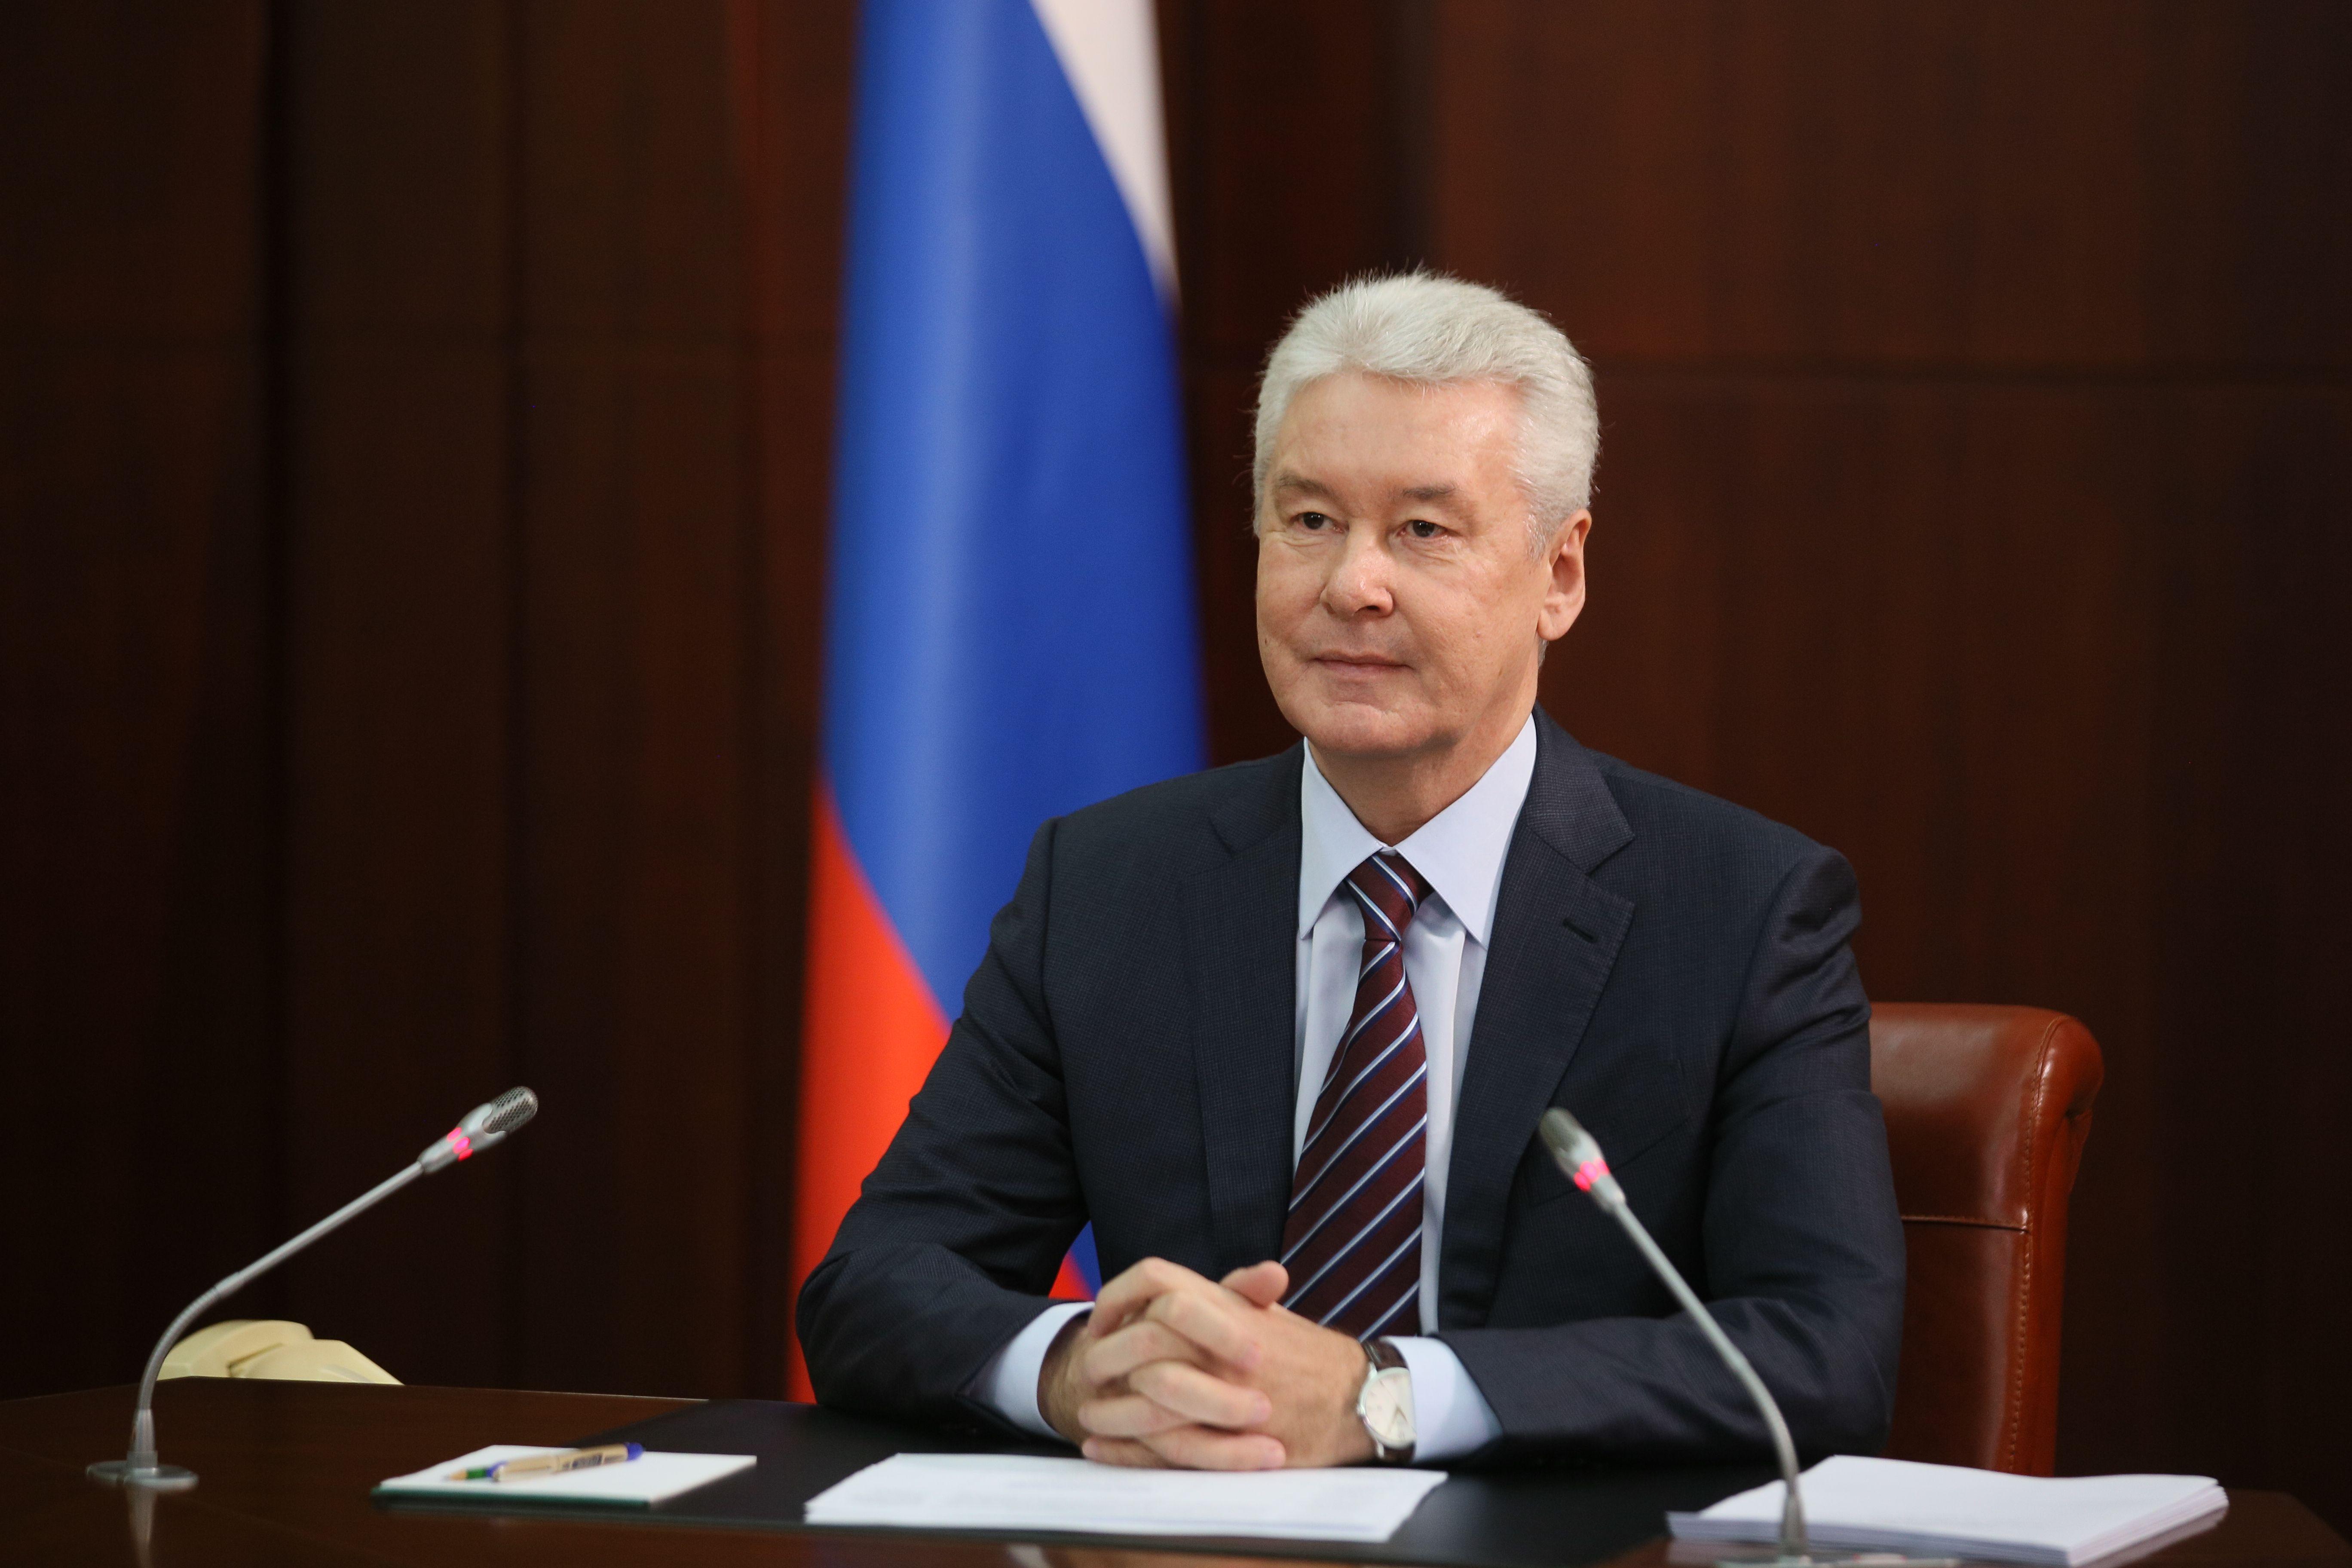 По словам Сергея Собянина, строительство первой очереди больницы будет завершено в 2019 году. Фото: Антон Гердо